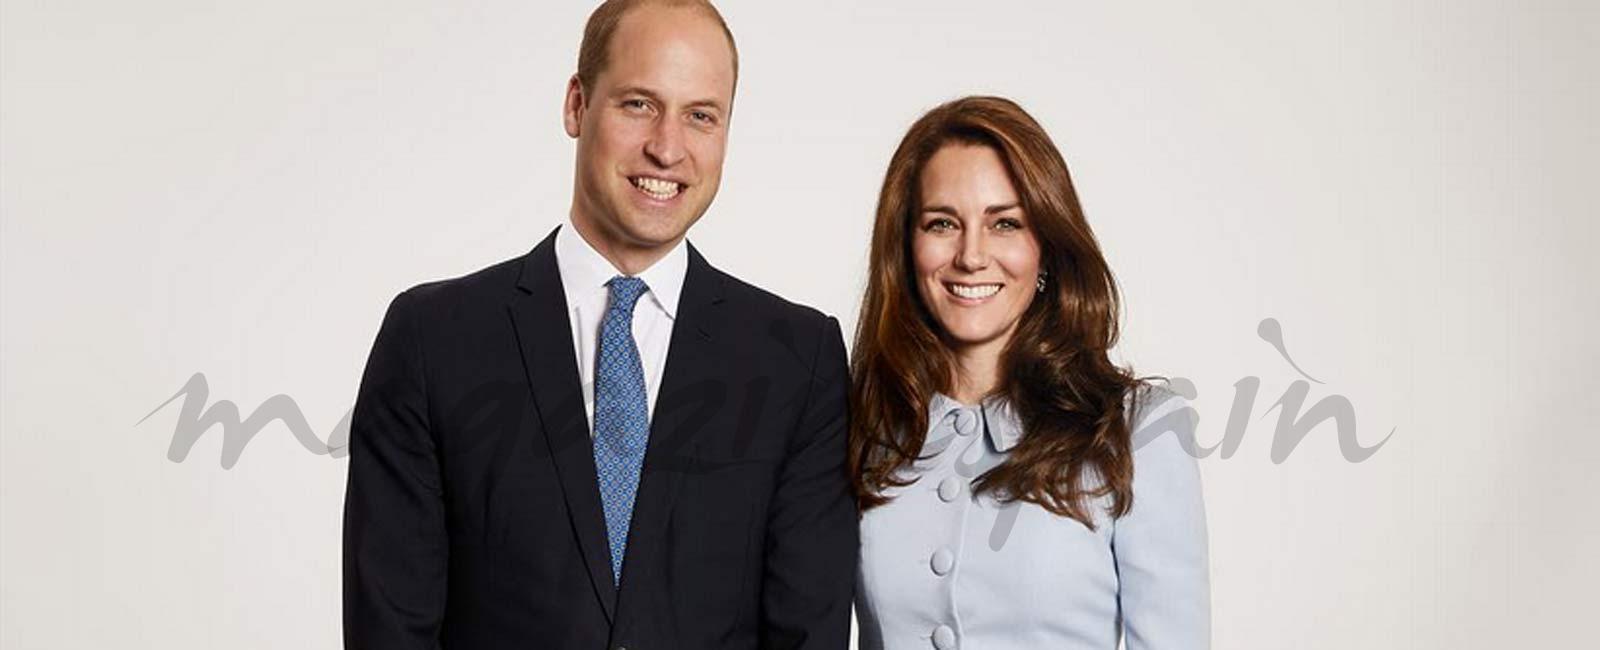 La felicitación navideña de los Duques de Cambridge